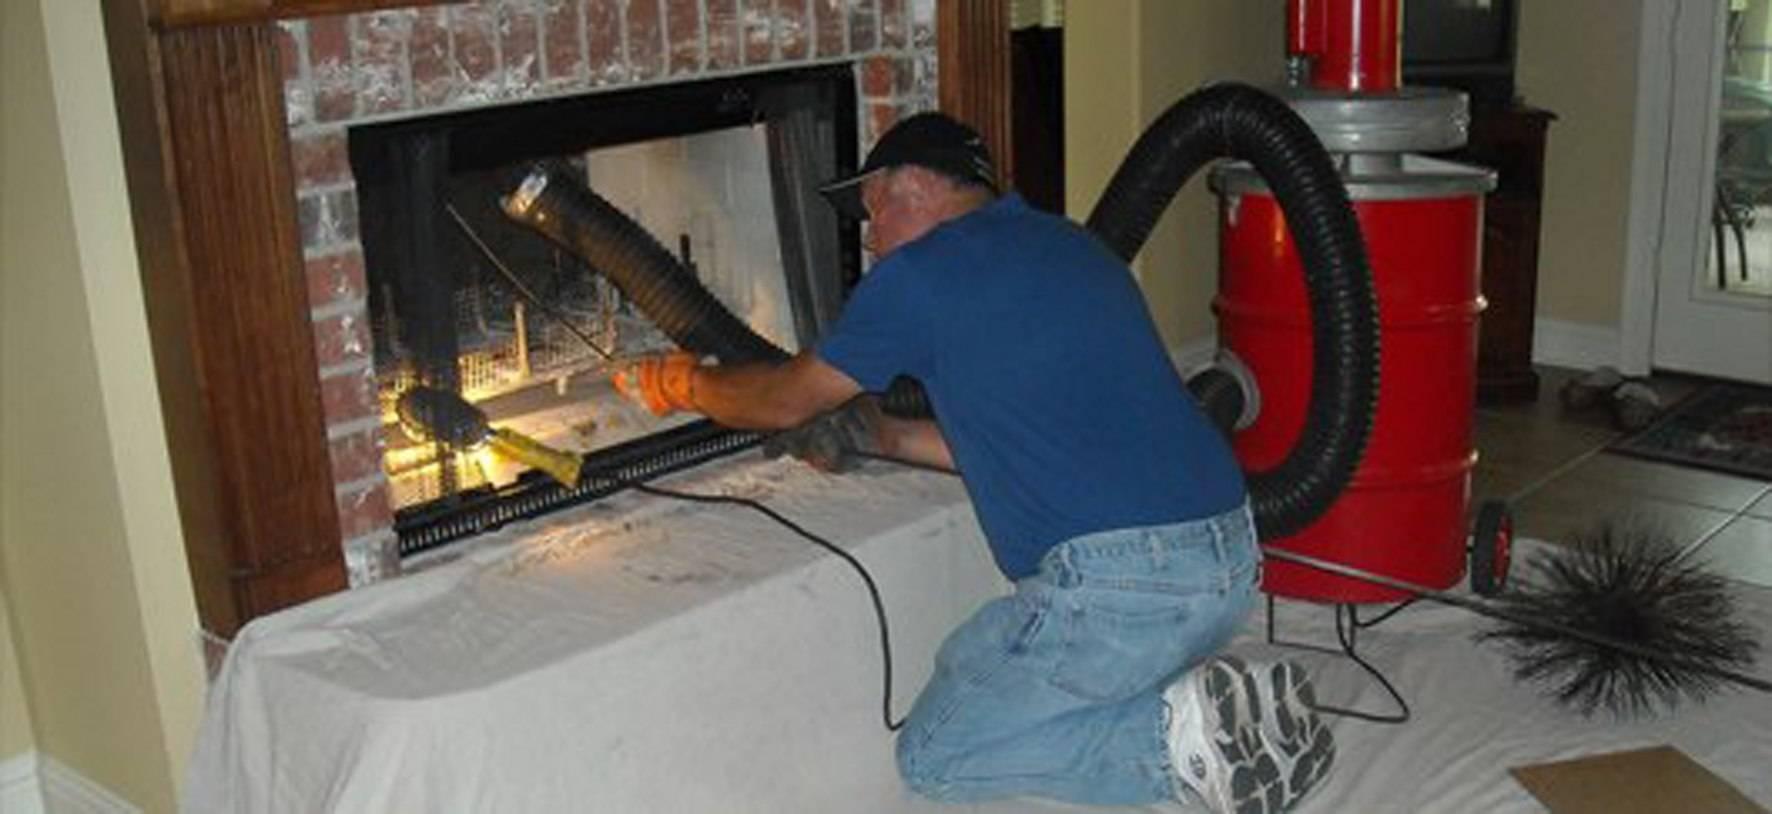 Как почистить дымоход от сажи своими руками: эффективные народные и современные способы чистки трубы от сажи